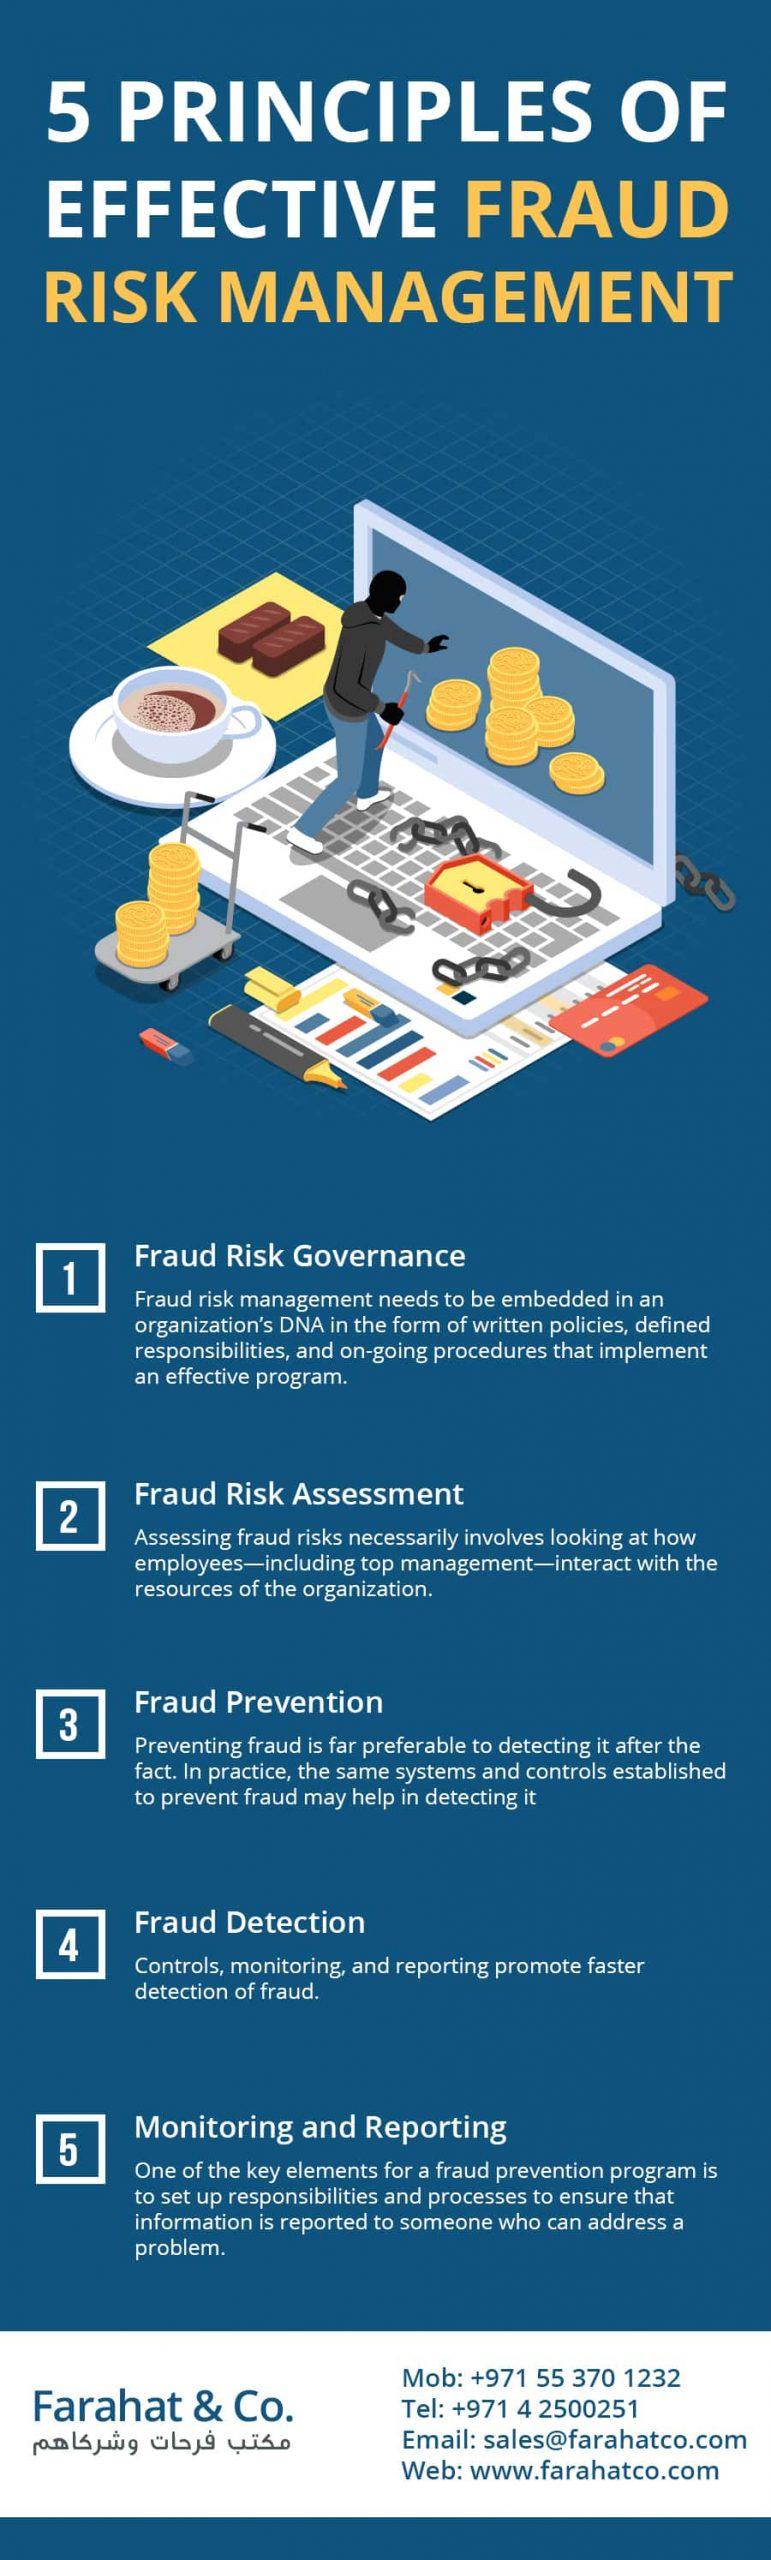 Principles of Effective Fraud Risk Management